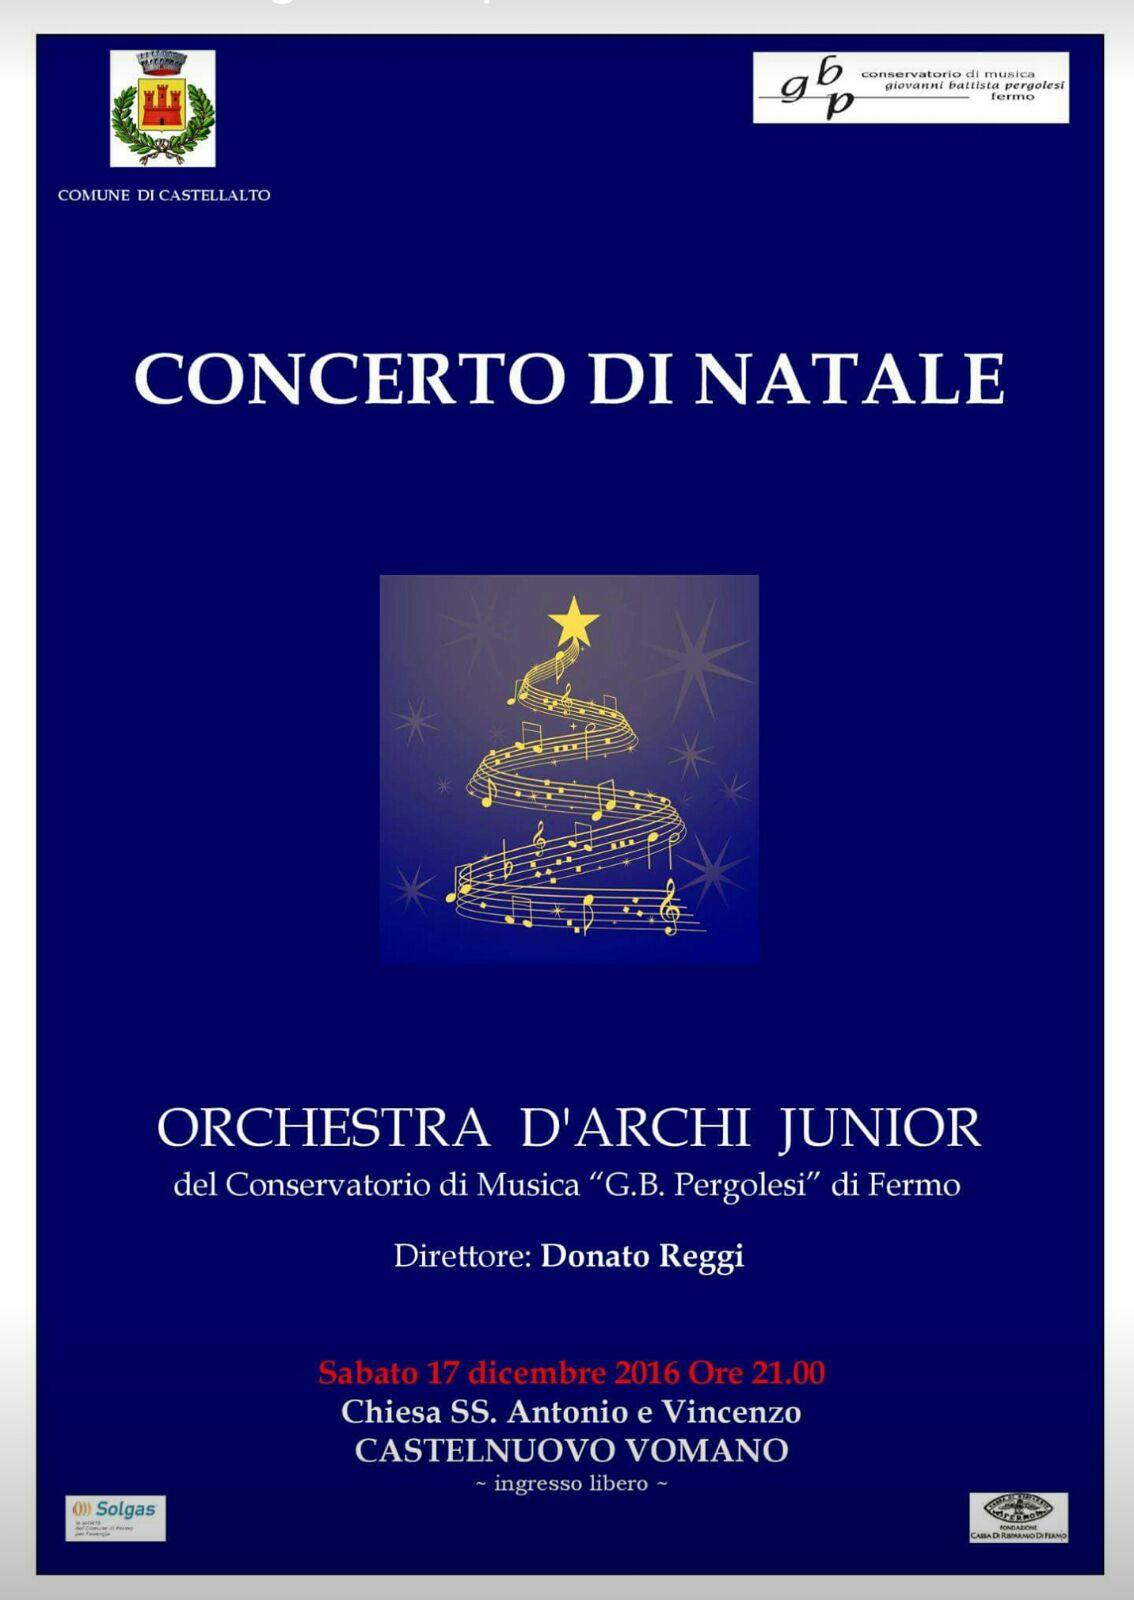 locandina_concerto_di_natale